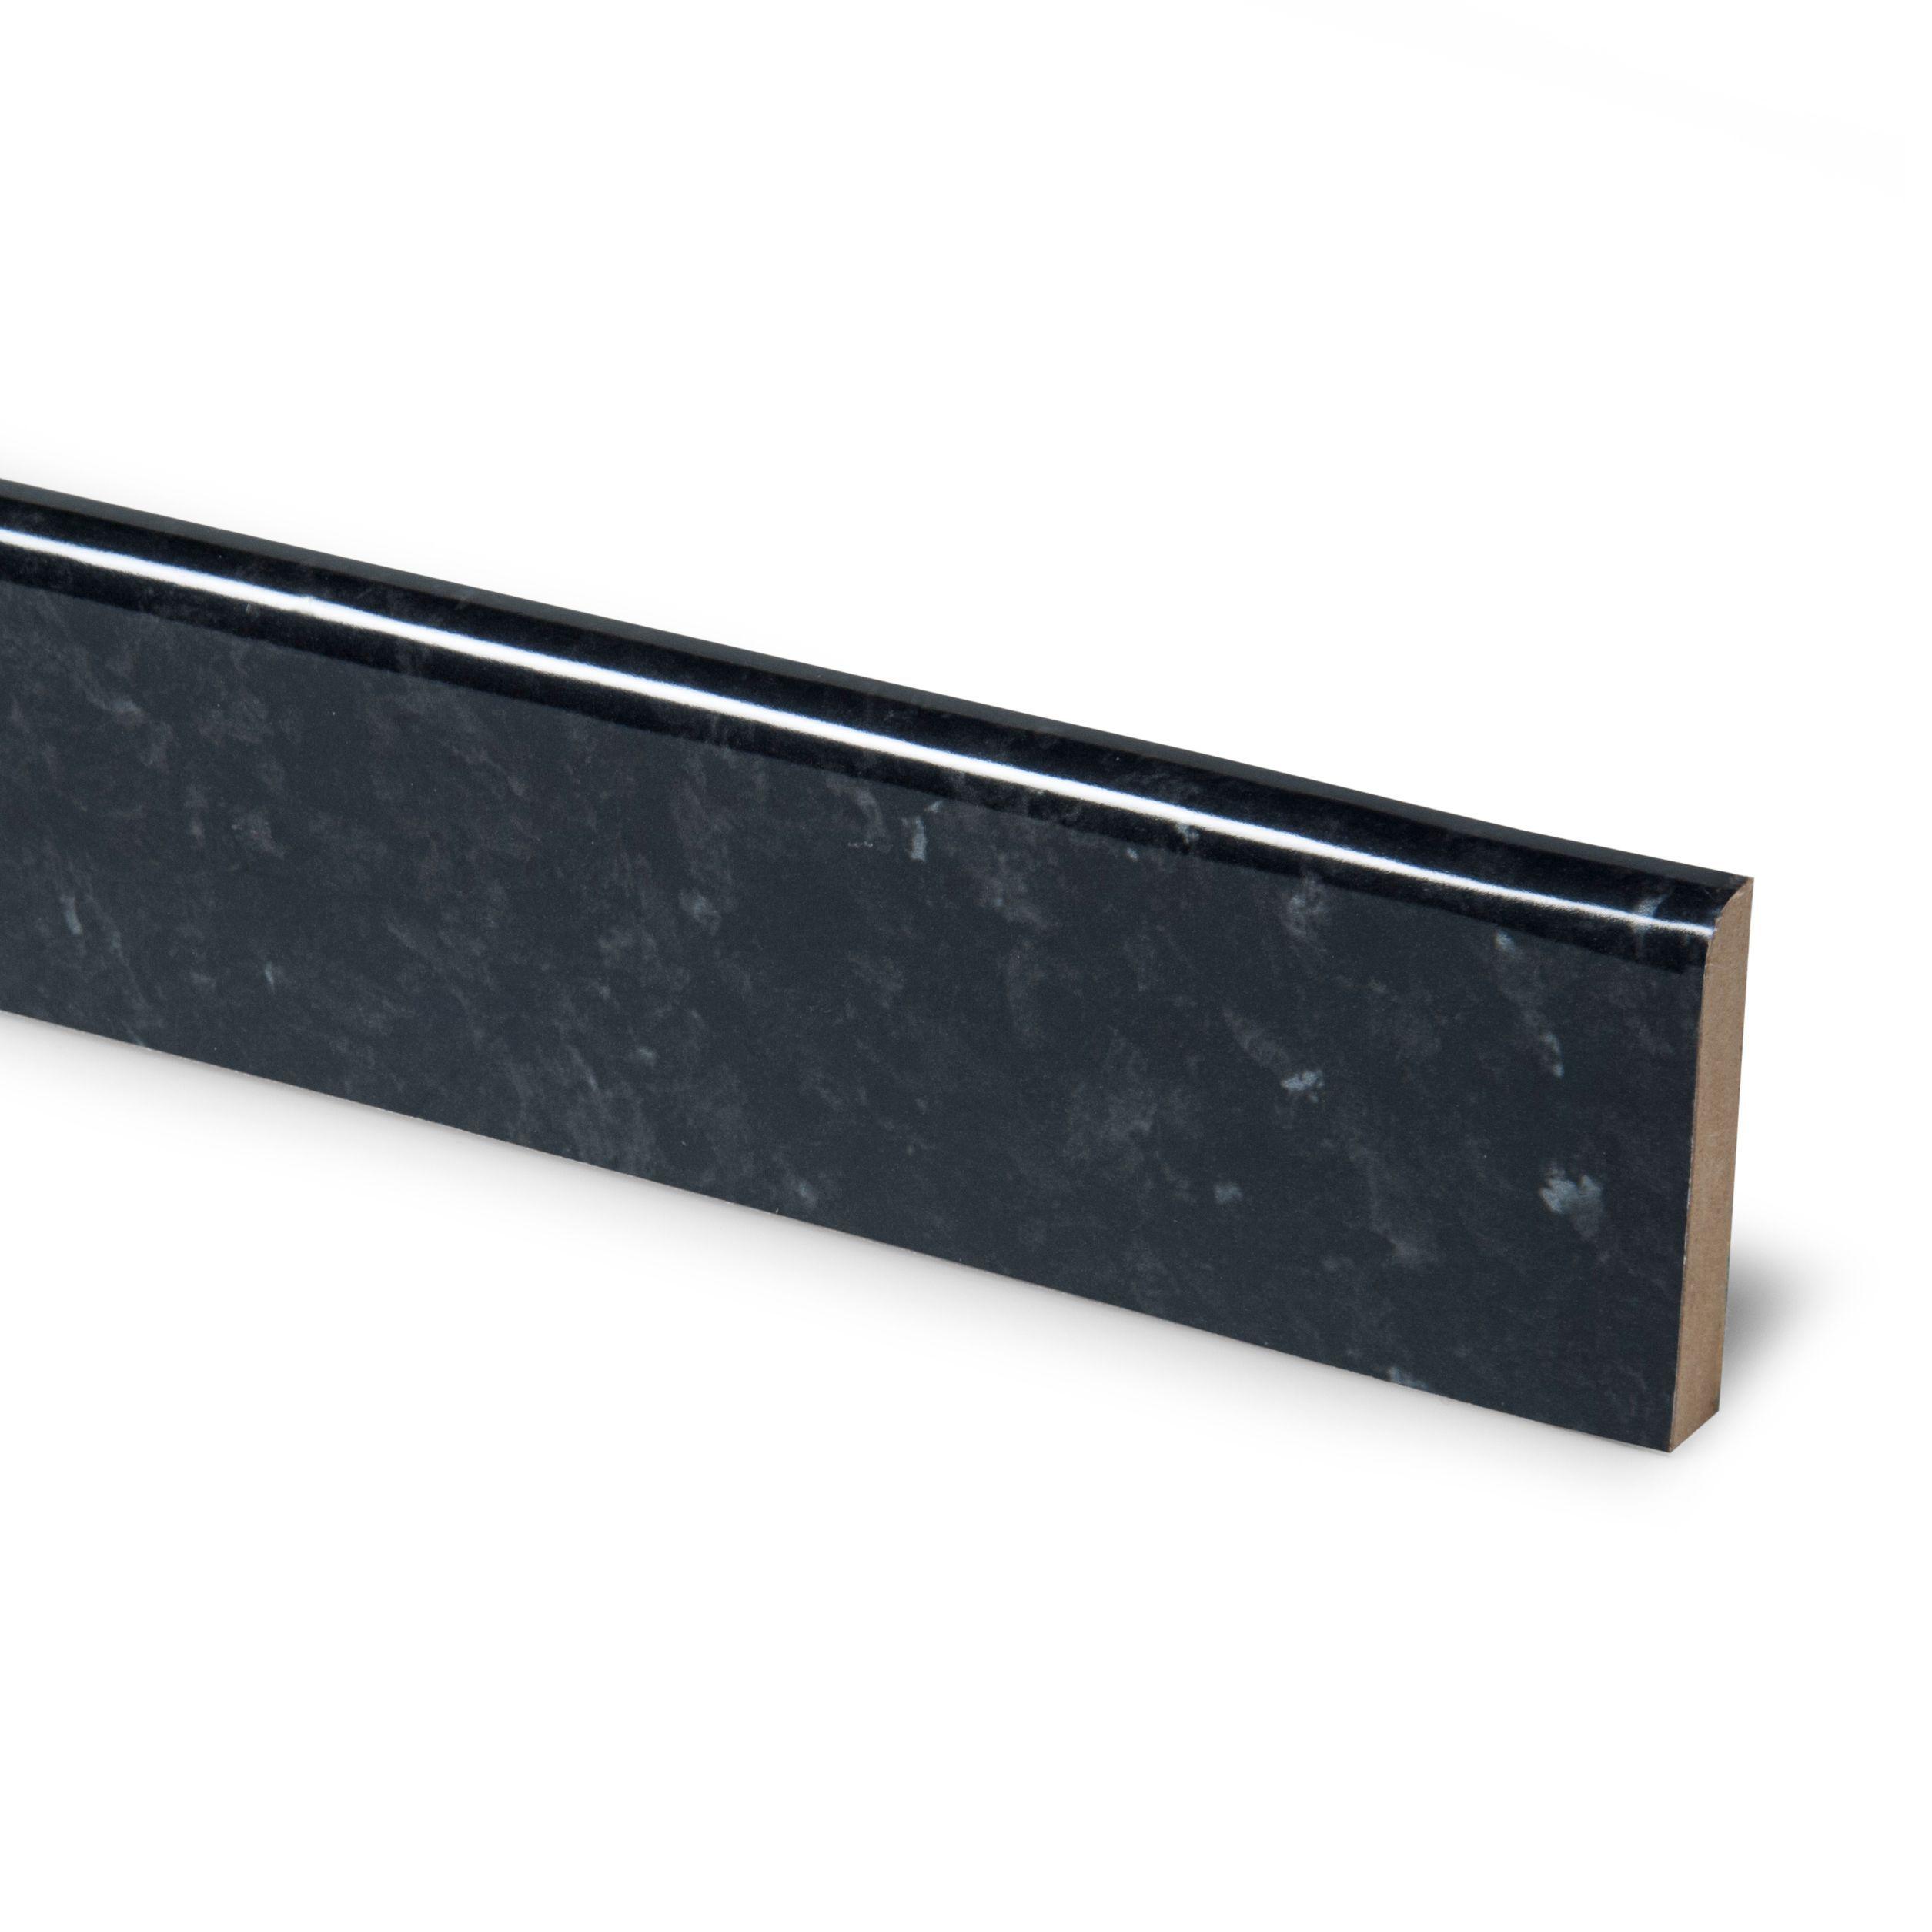 12mm Ebony Granite Laminate Worktop Upstand, Round Edge